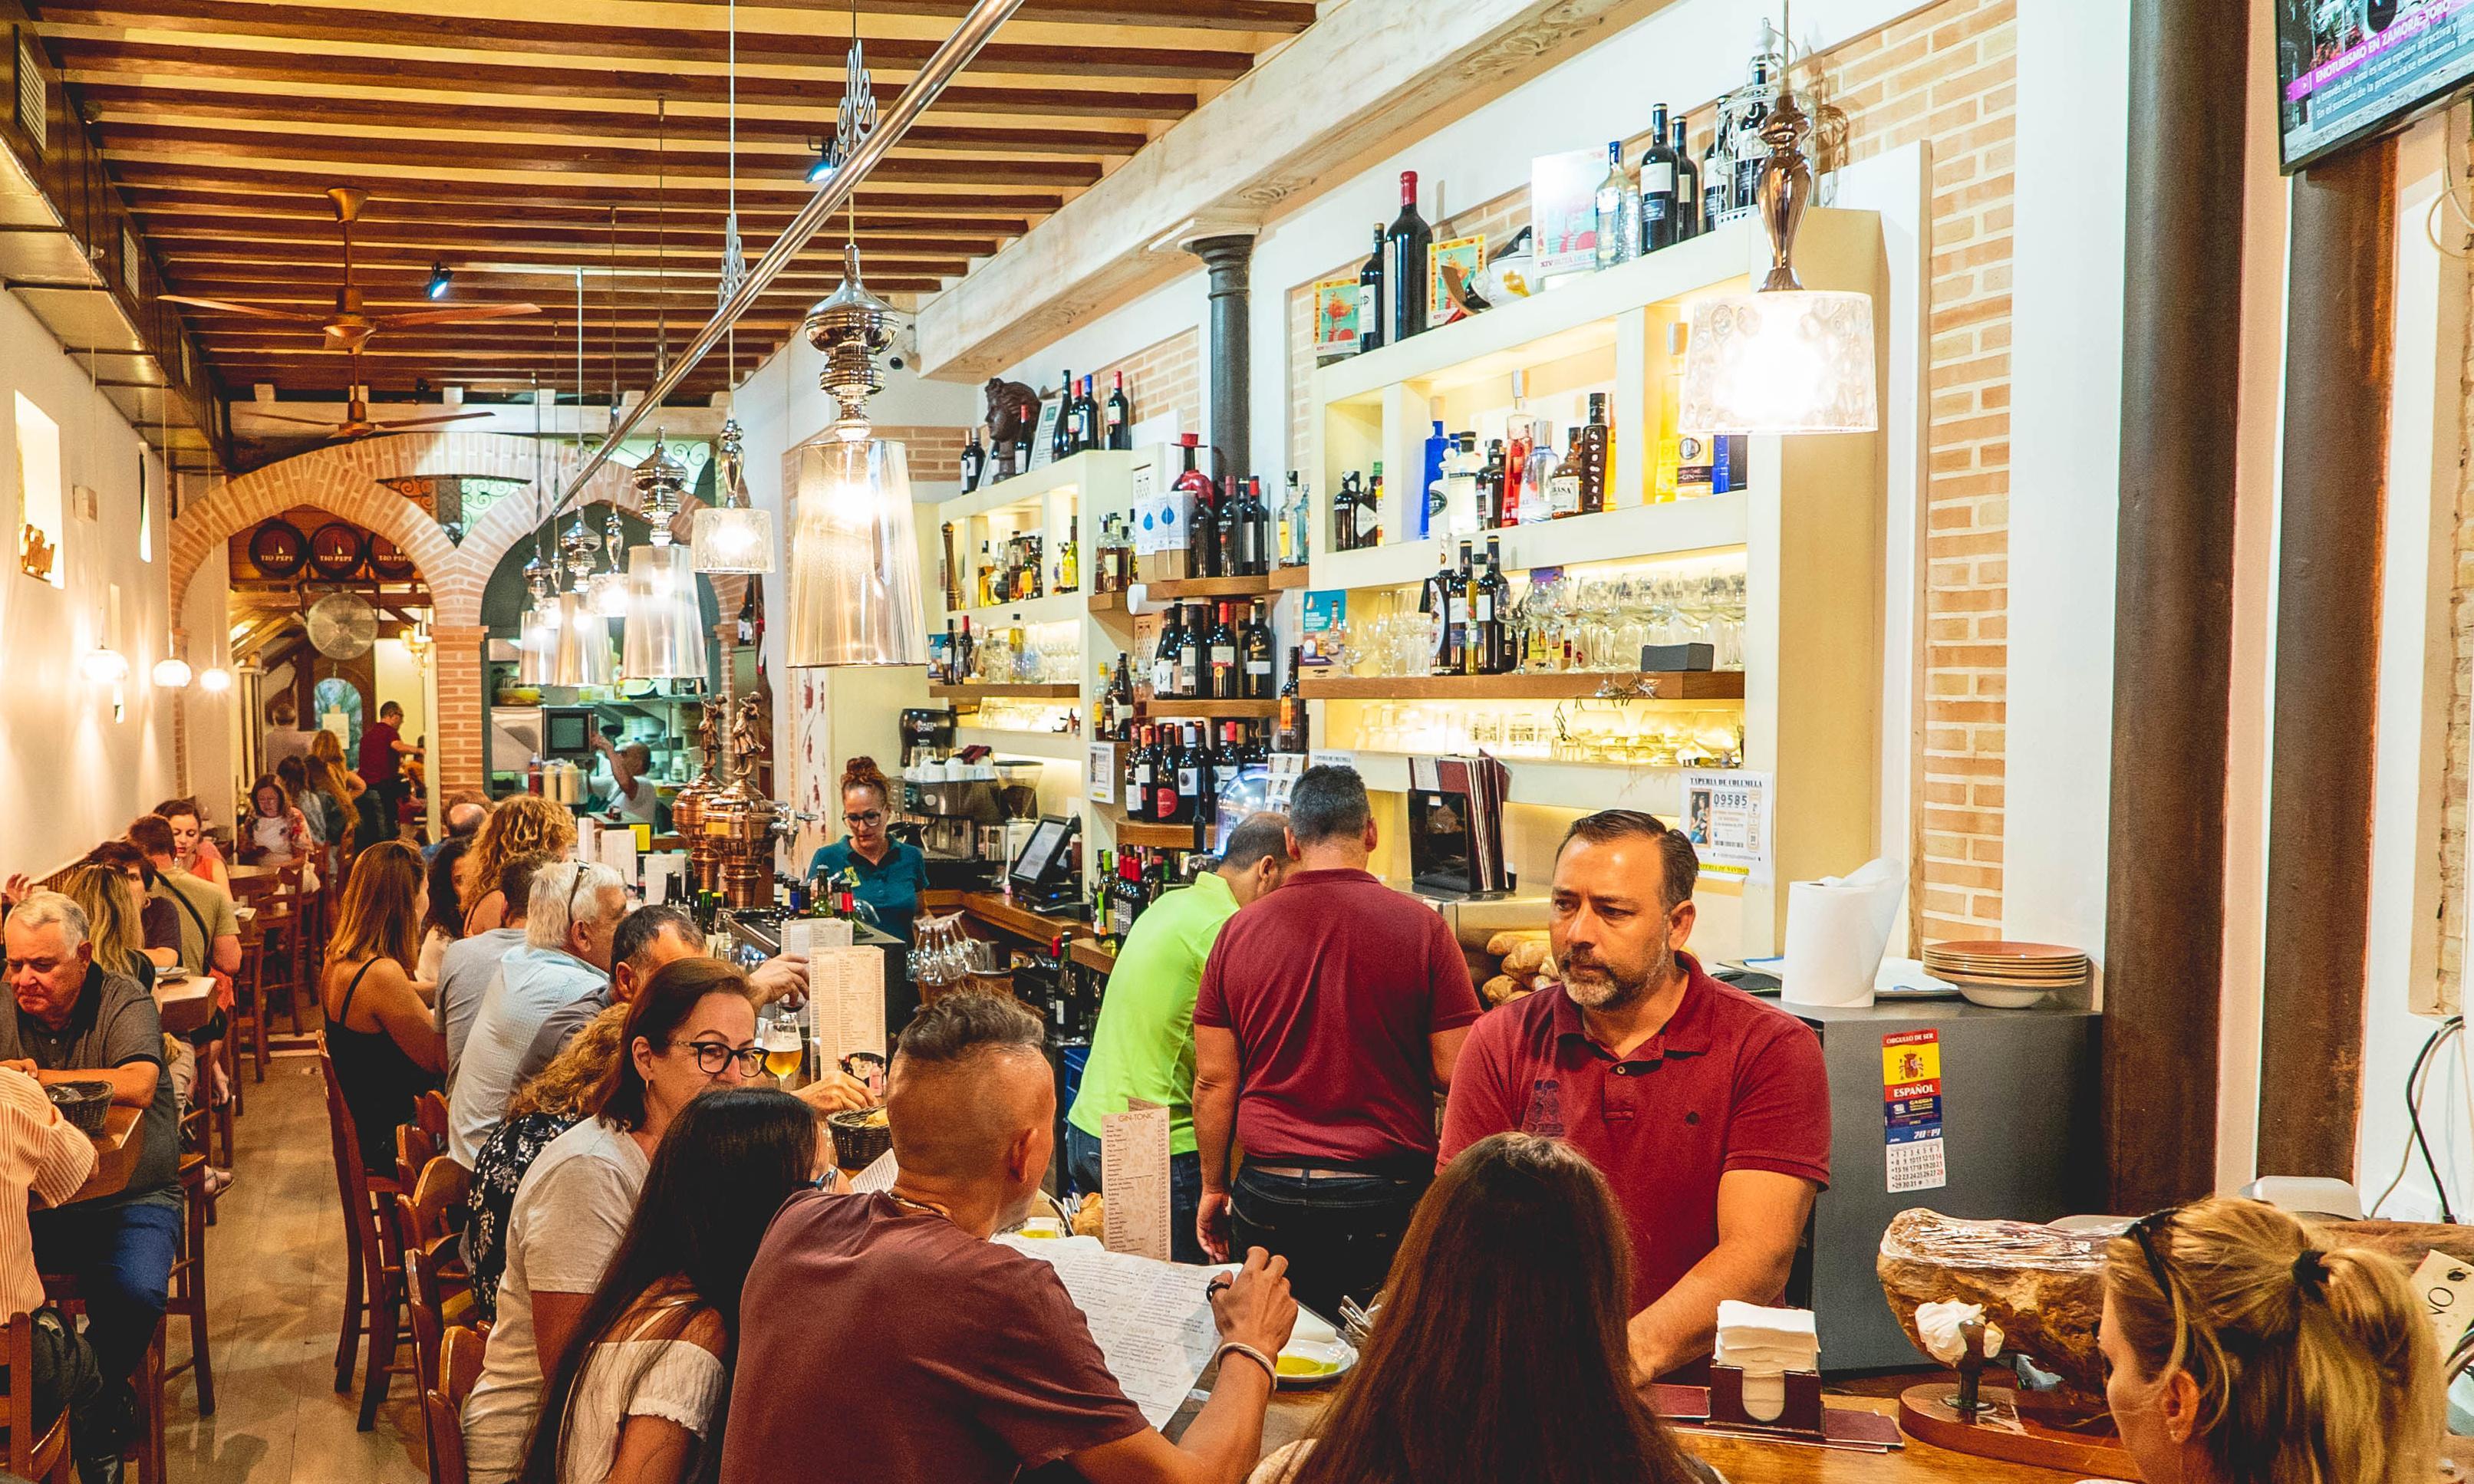 10 of the best restaurants in Cádiz, Spain